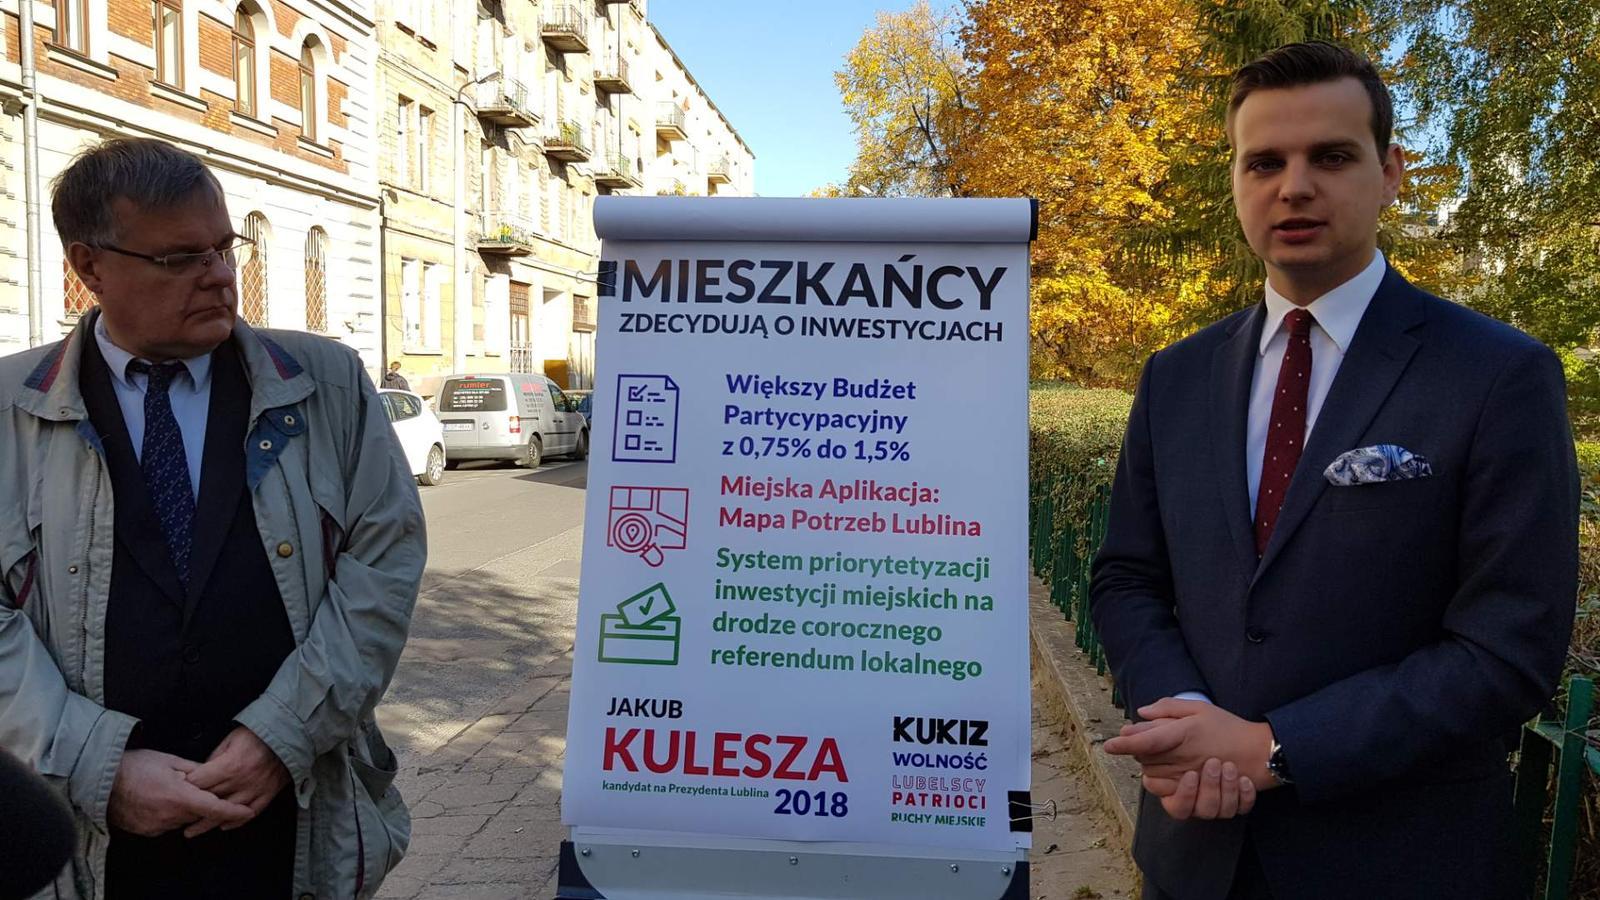 To mieszkańcy zdecydują na jakie inwestycje przeznaczyć ich pieniądze – obiecuje kandydat na prezydenta poseł Jakub Kulesza